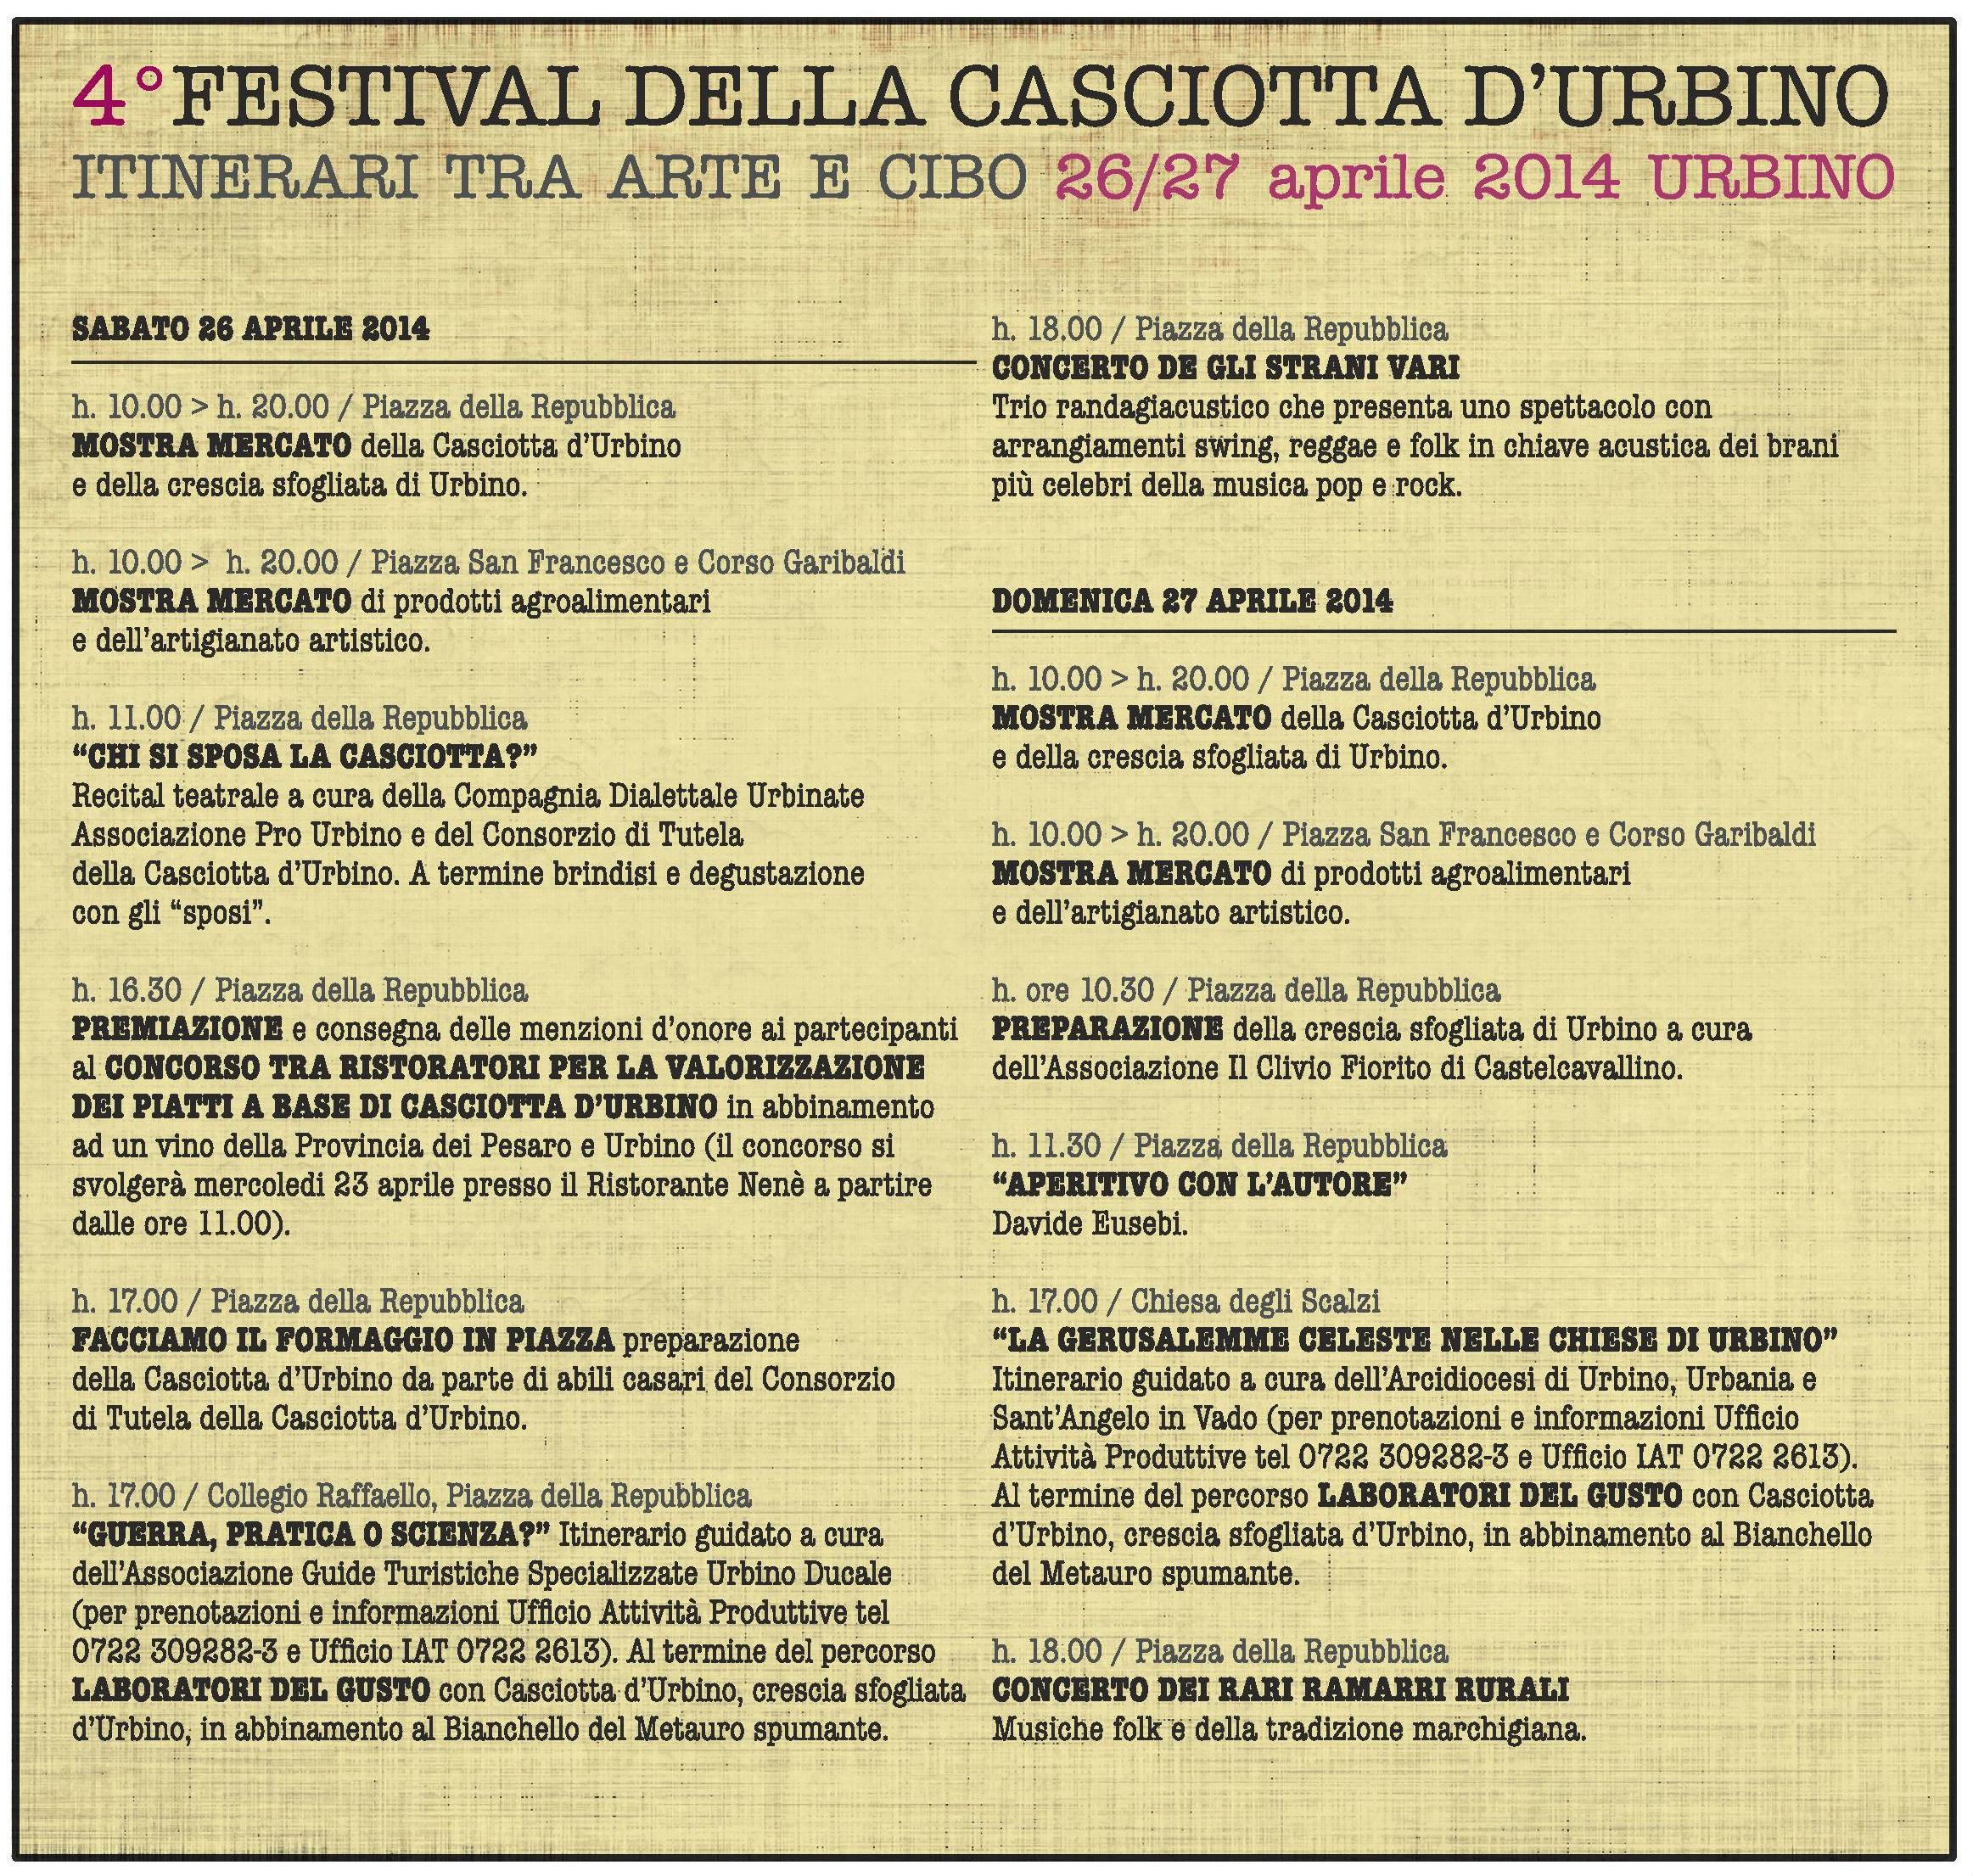 programma festival casciotta